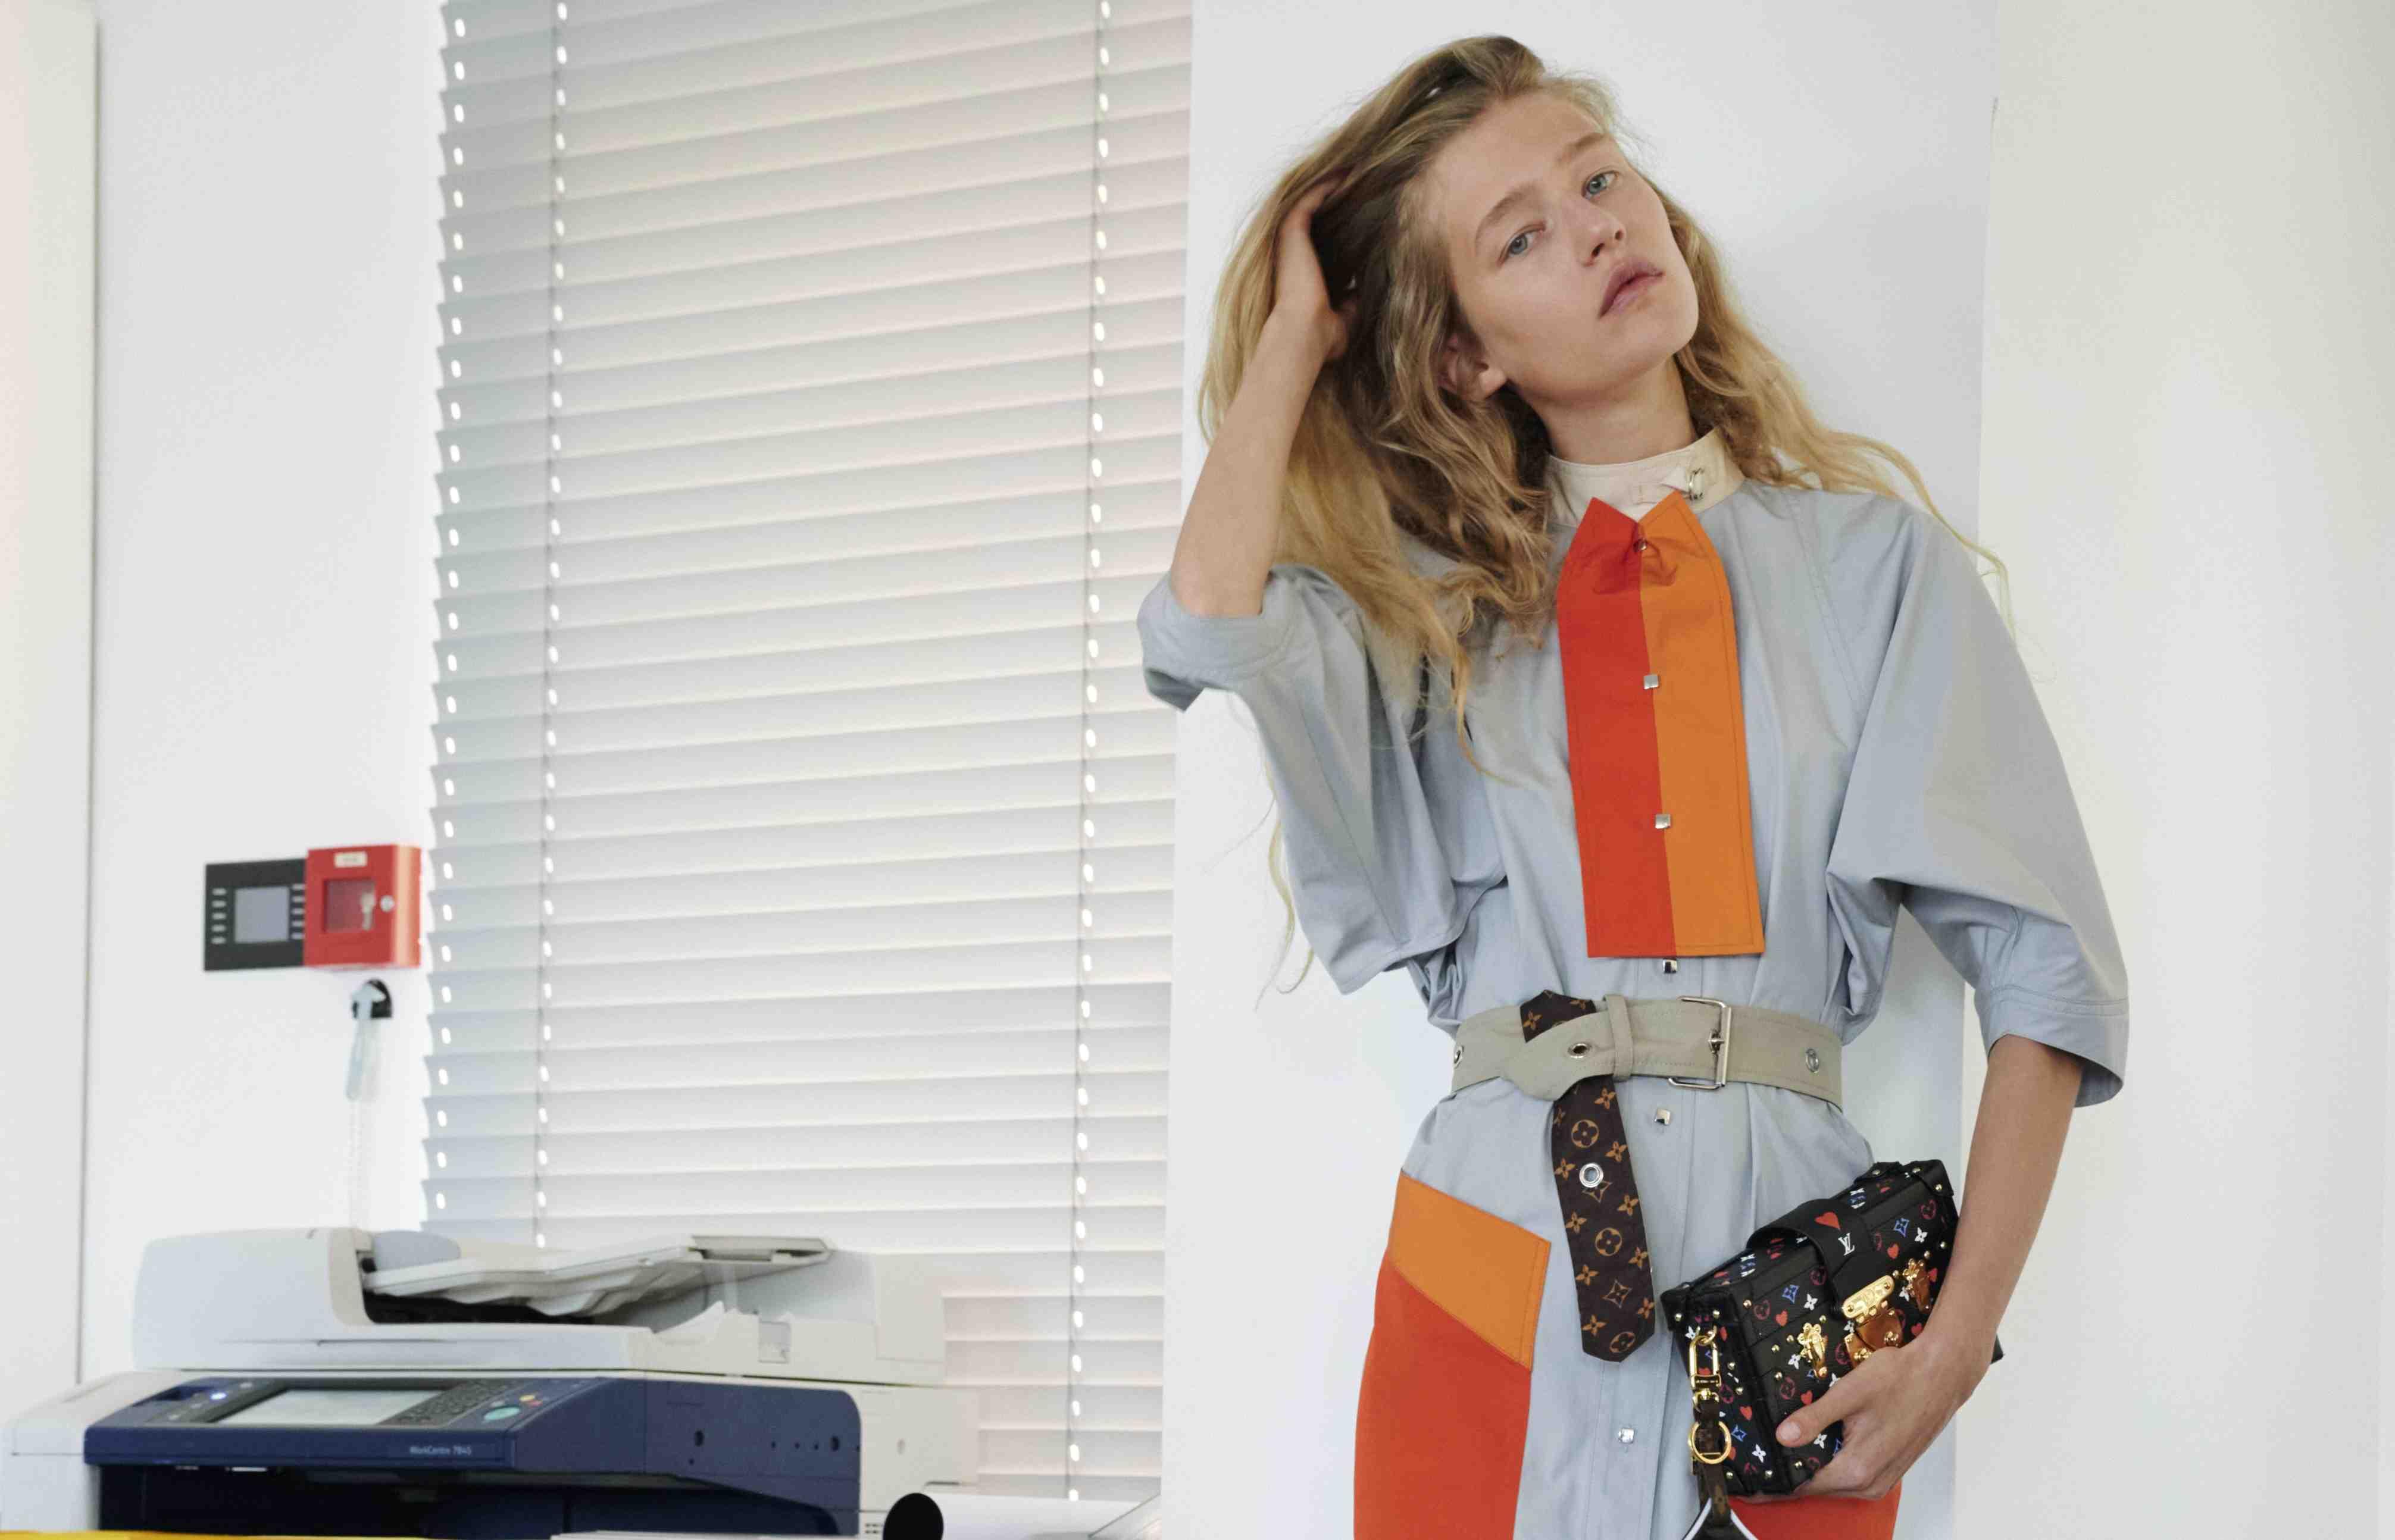 La guía de estilo de Louis Vuitton es la que debes seguir para 2021